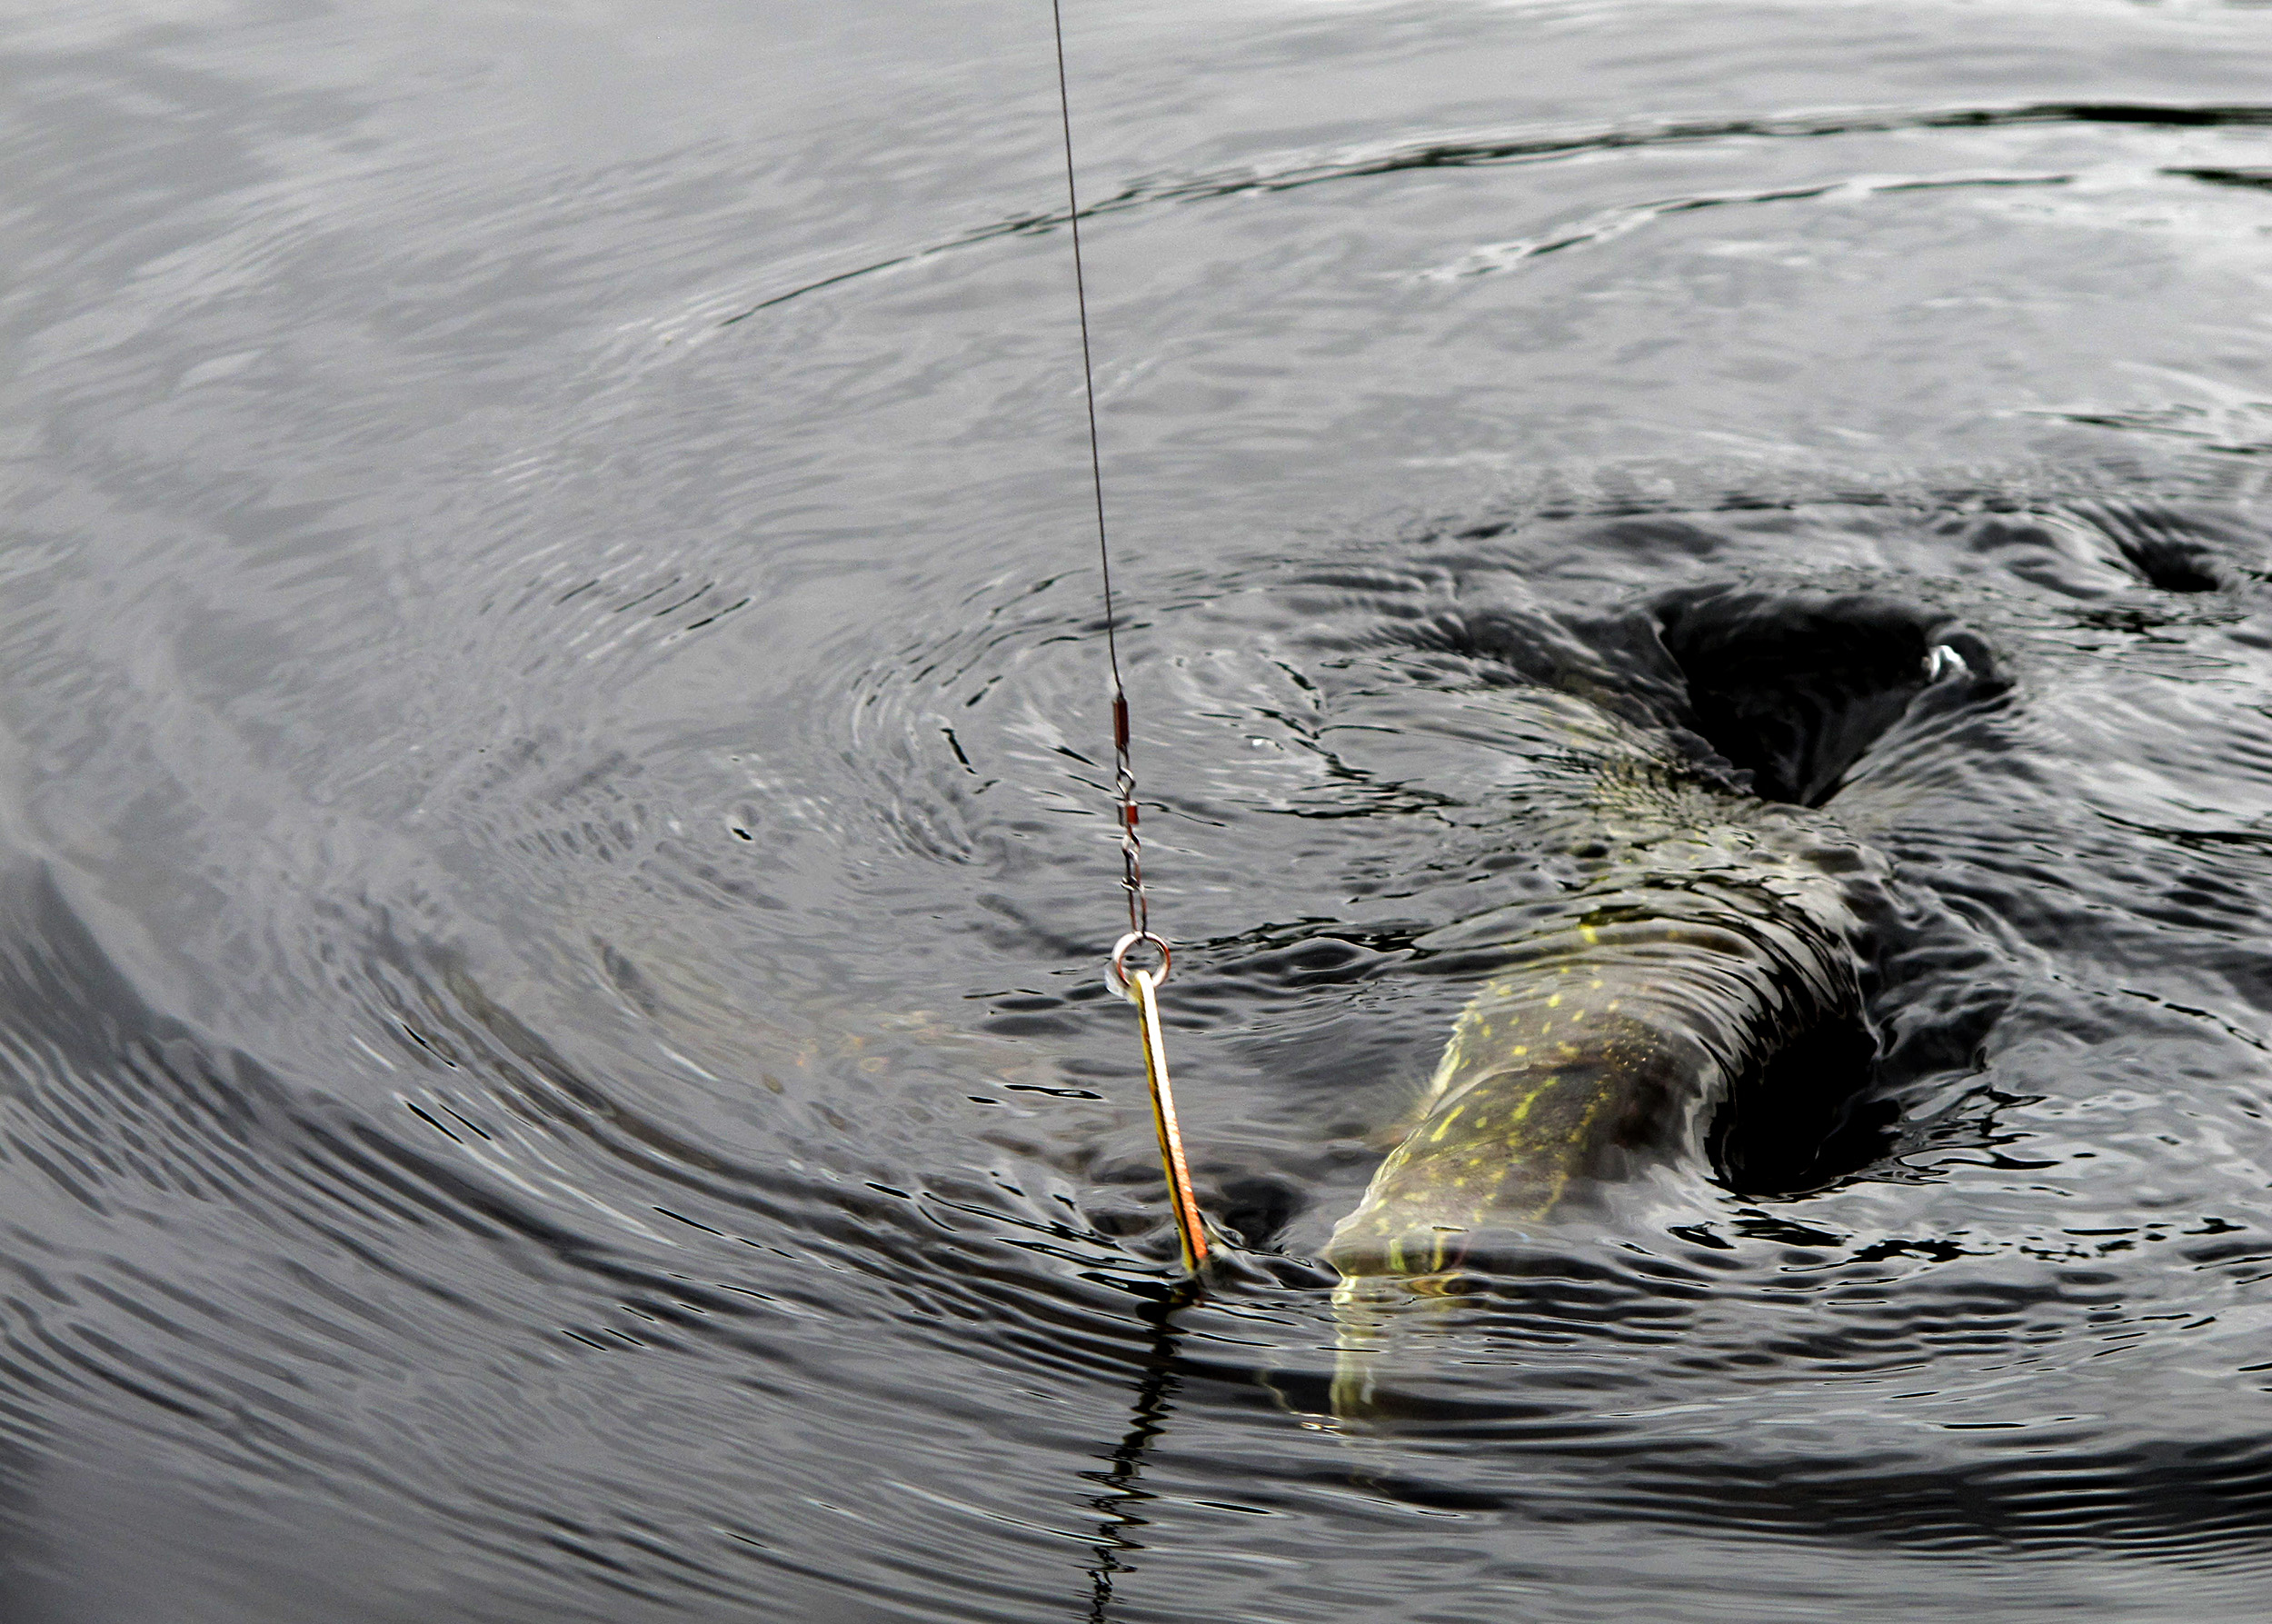 JokkmokkArcticDream_ArcticAdventure-Fishing2 (1)